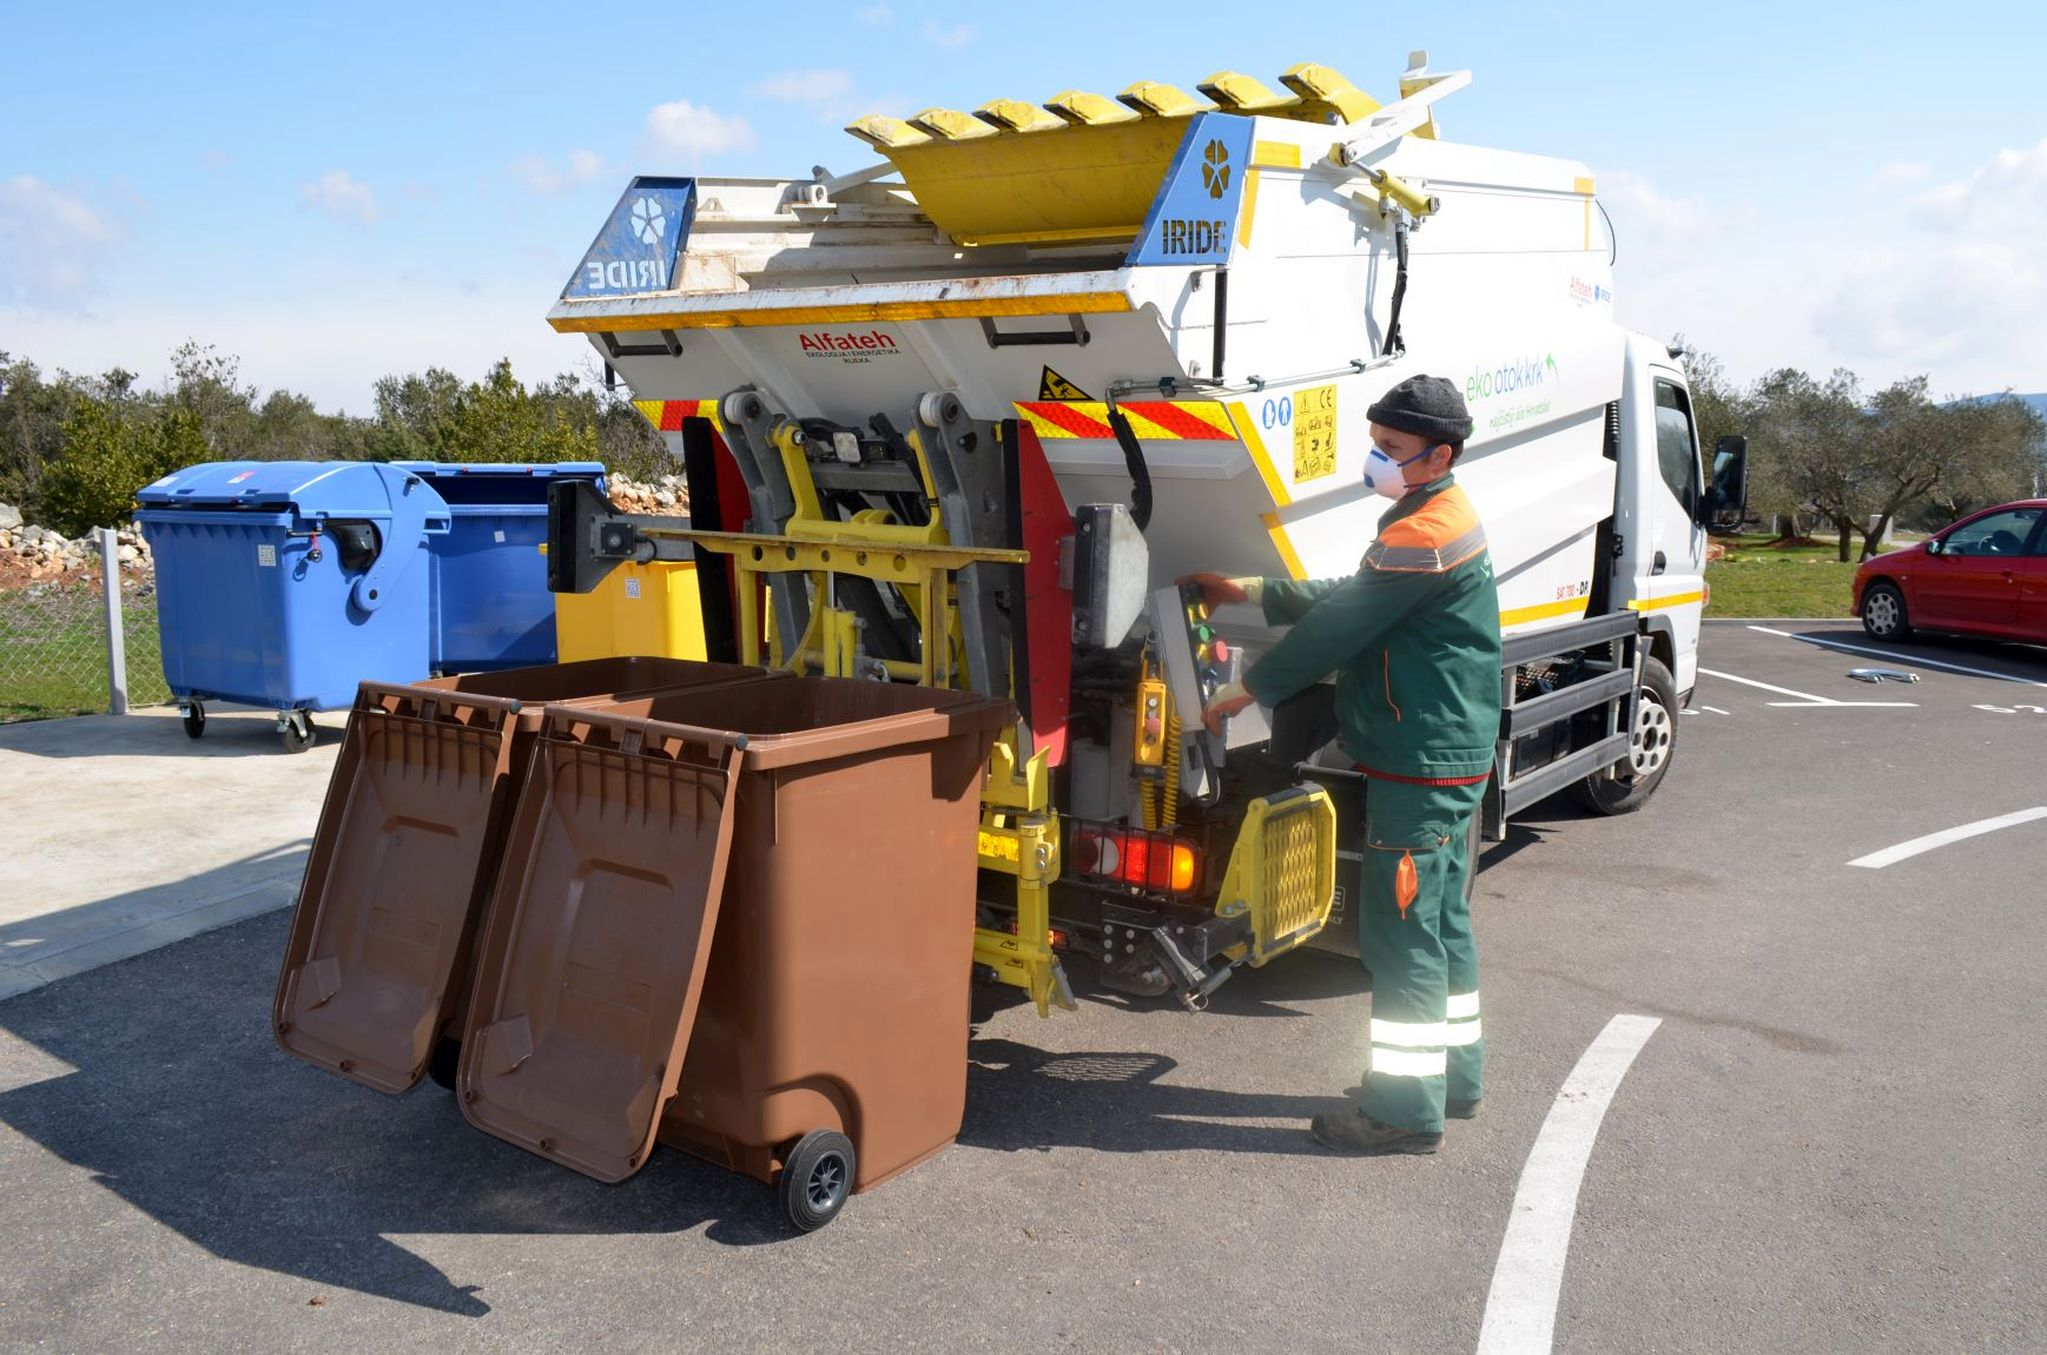 Djelatnicima koji rade na tim važnim komunalnim zadaćama osigurana zaštitna oprema / Snimio Mladen TRINAJSTIĆ